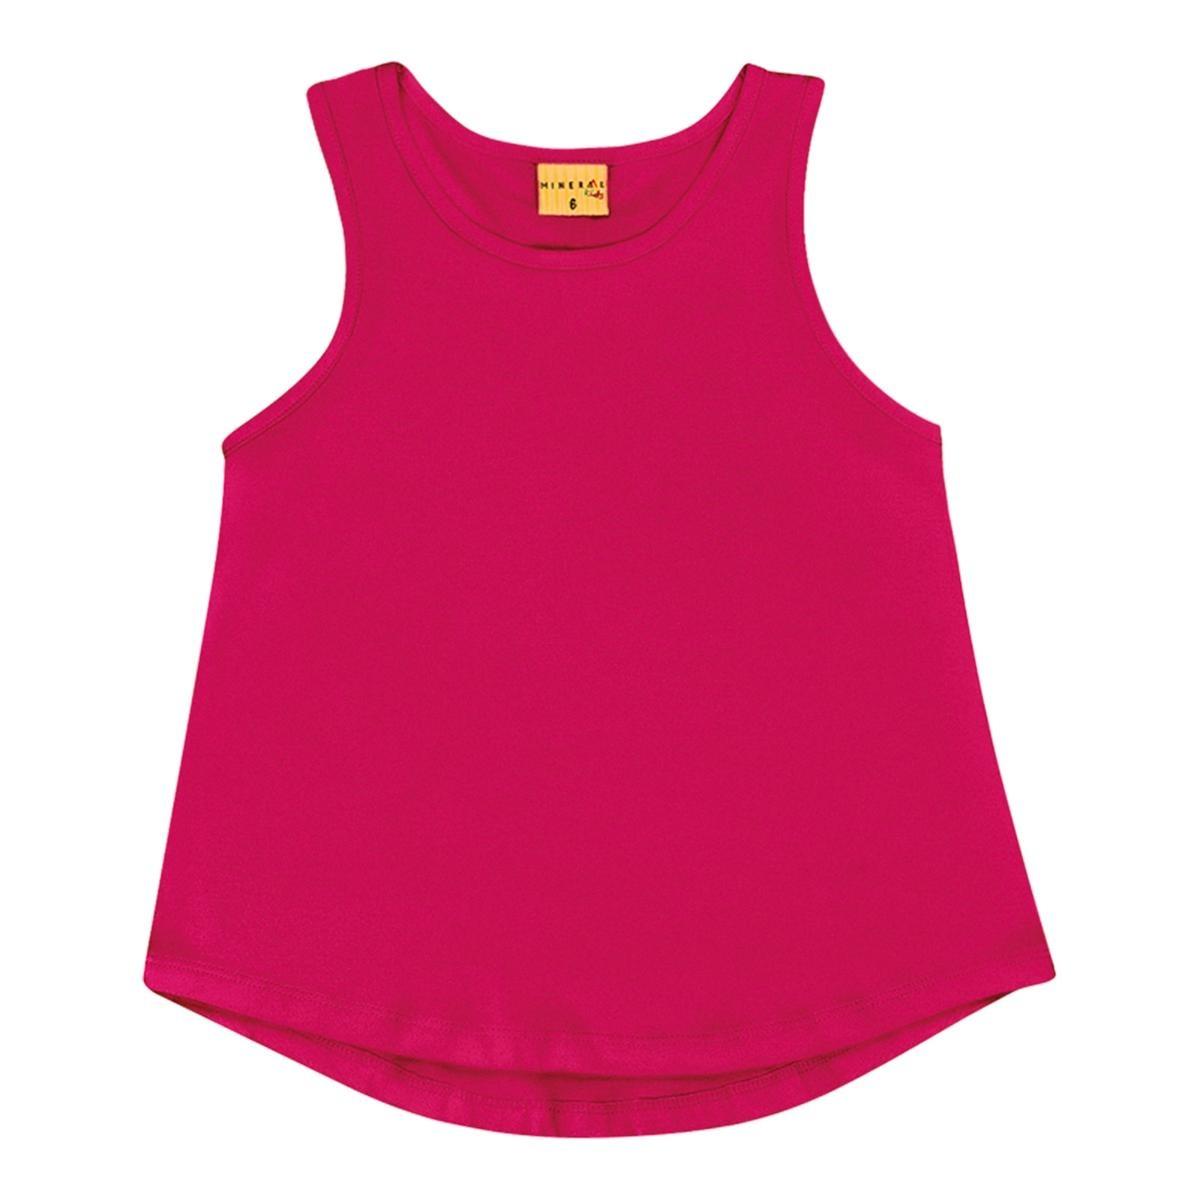 blusa regata mineral kids rosa menina. Carregando zoom. 2f7e796a89a